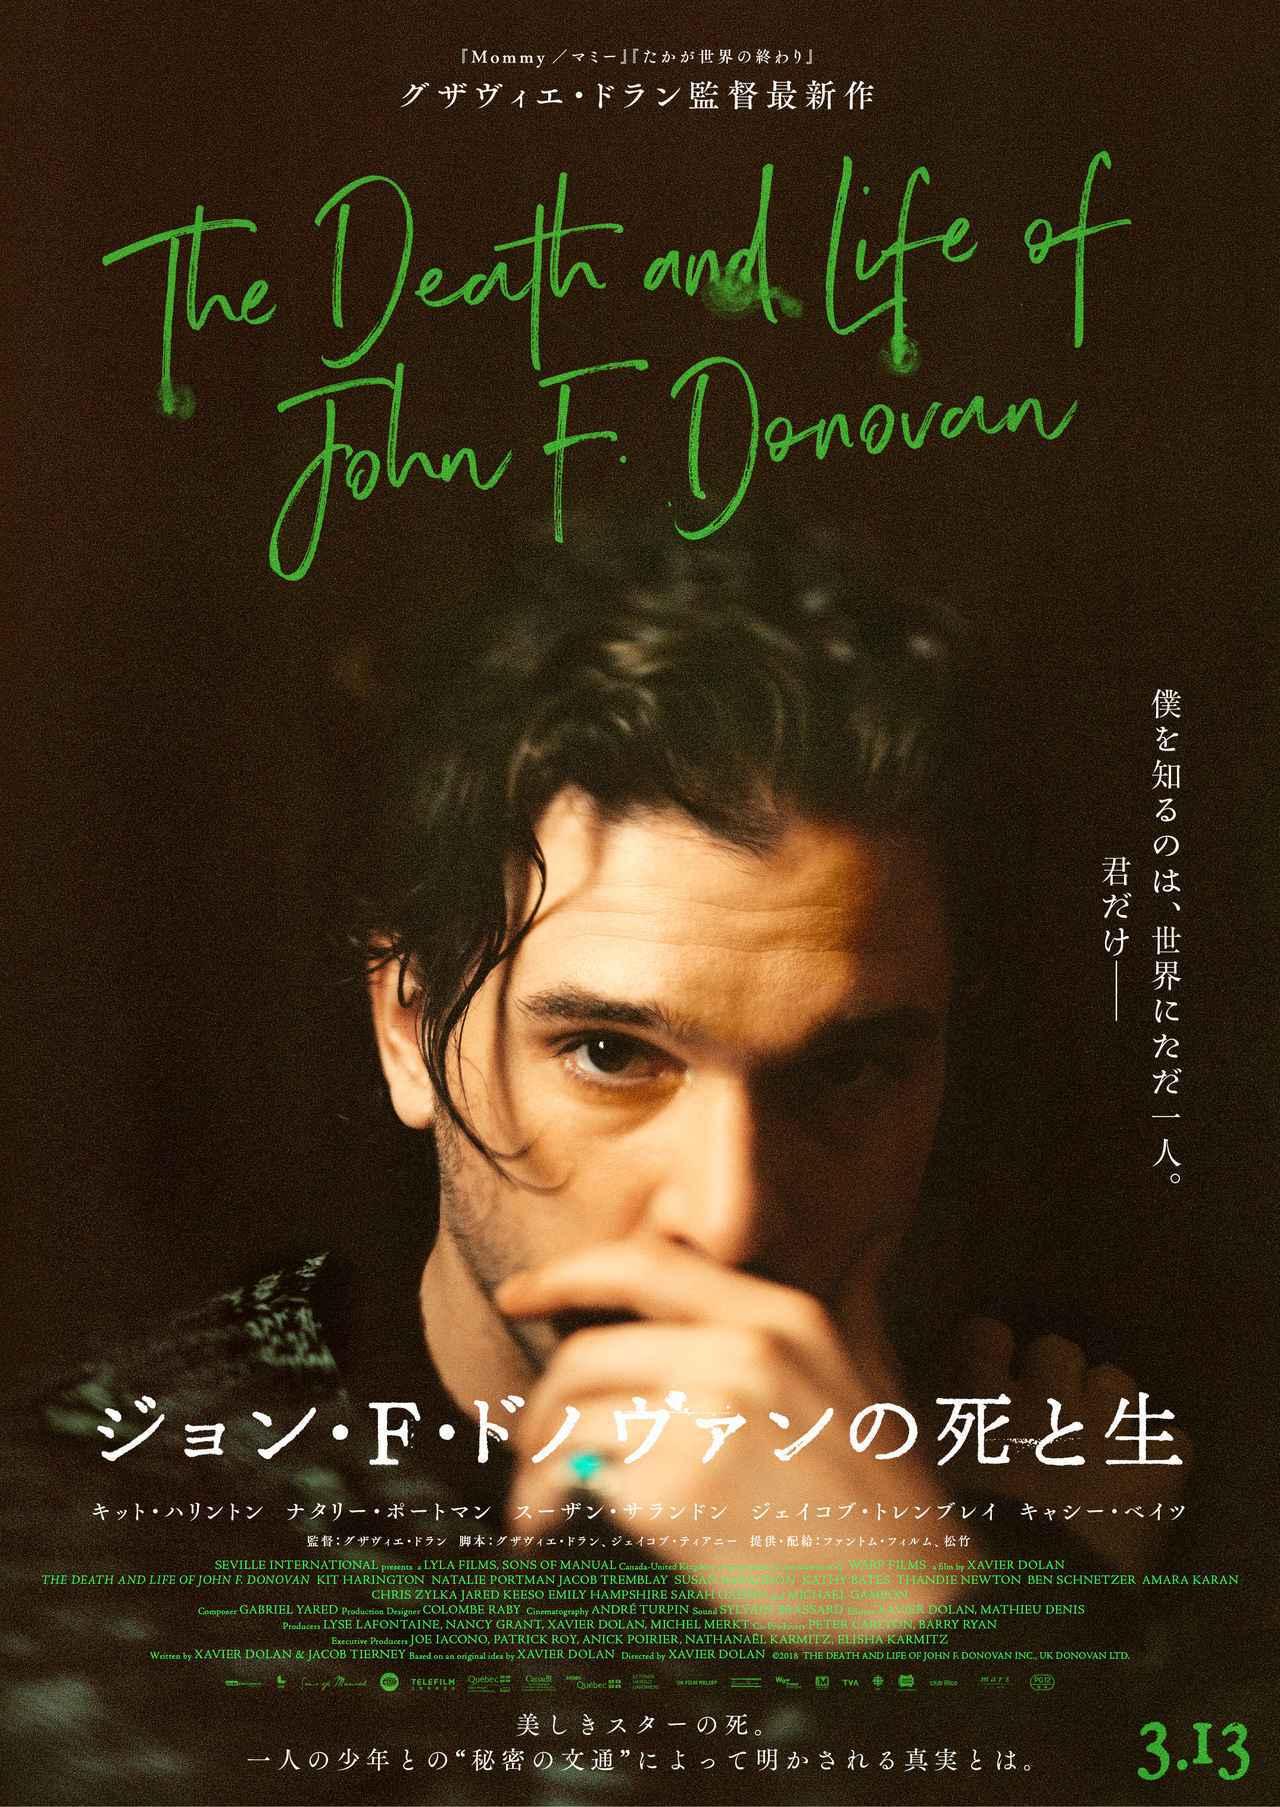 画像1: ©2018THE DEATH AND LIFE OF JOHN F. DONOVAN INC., UK DONOVAN LTD.